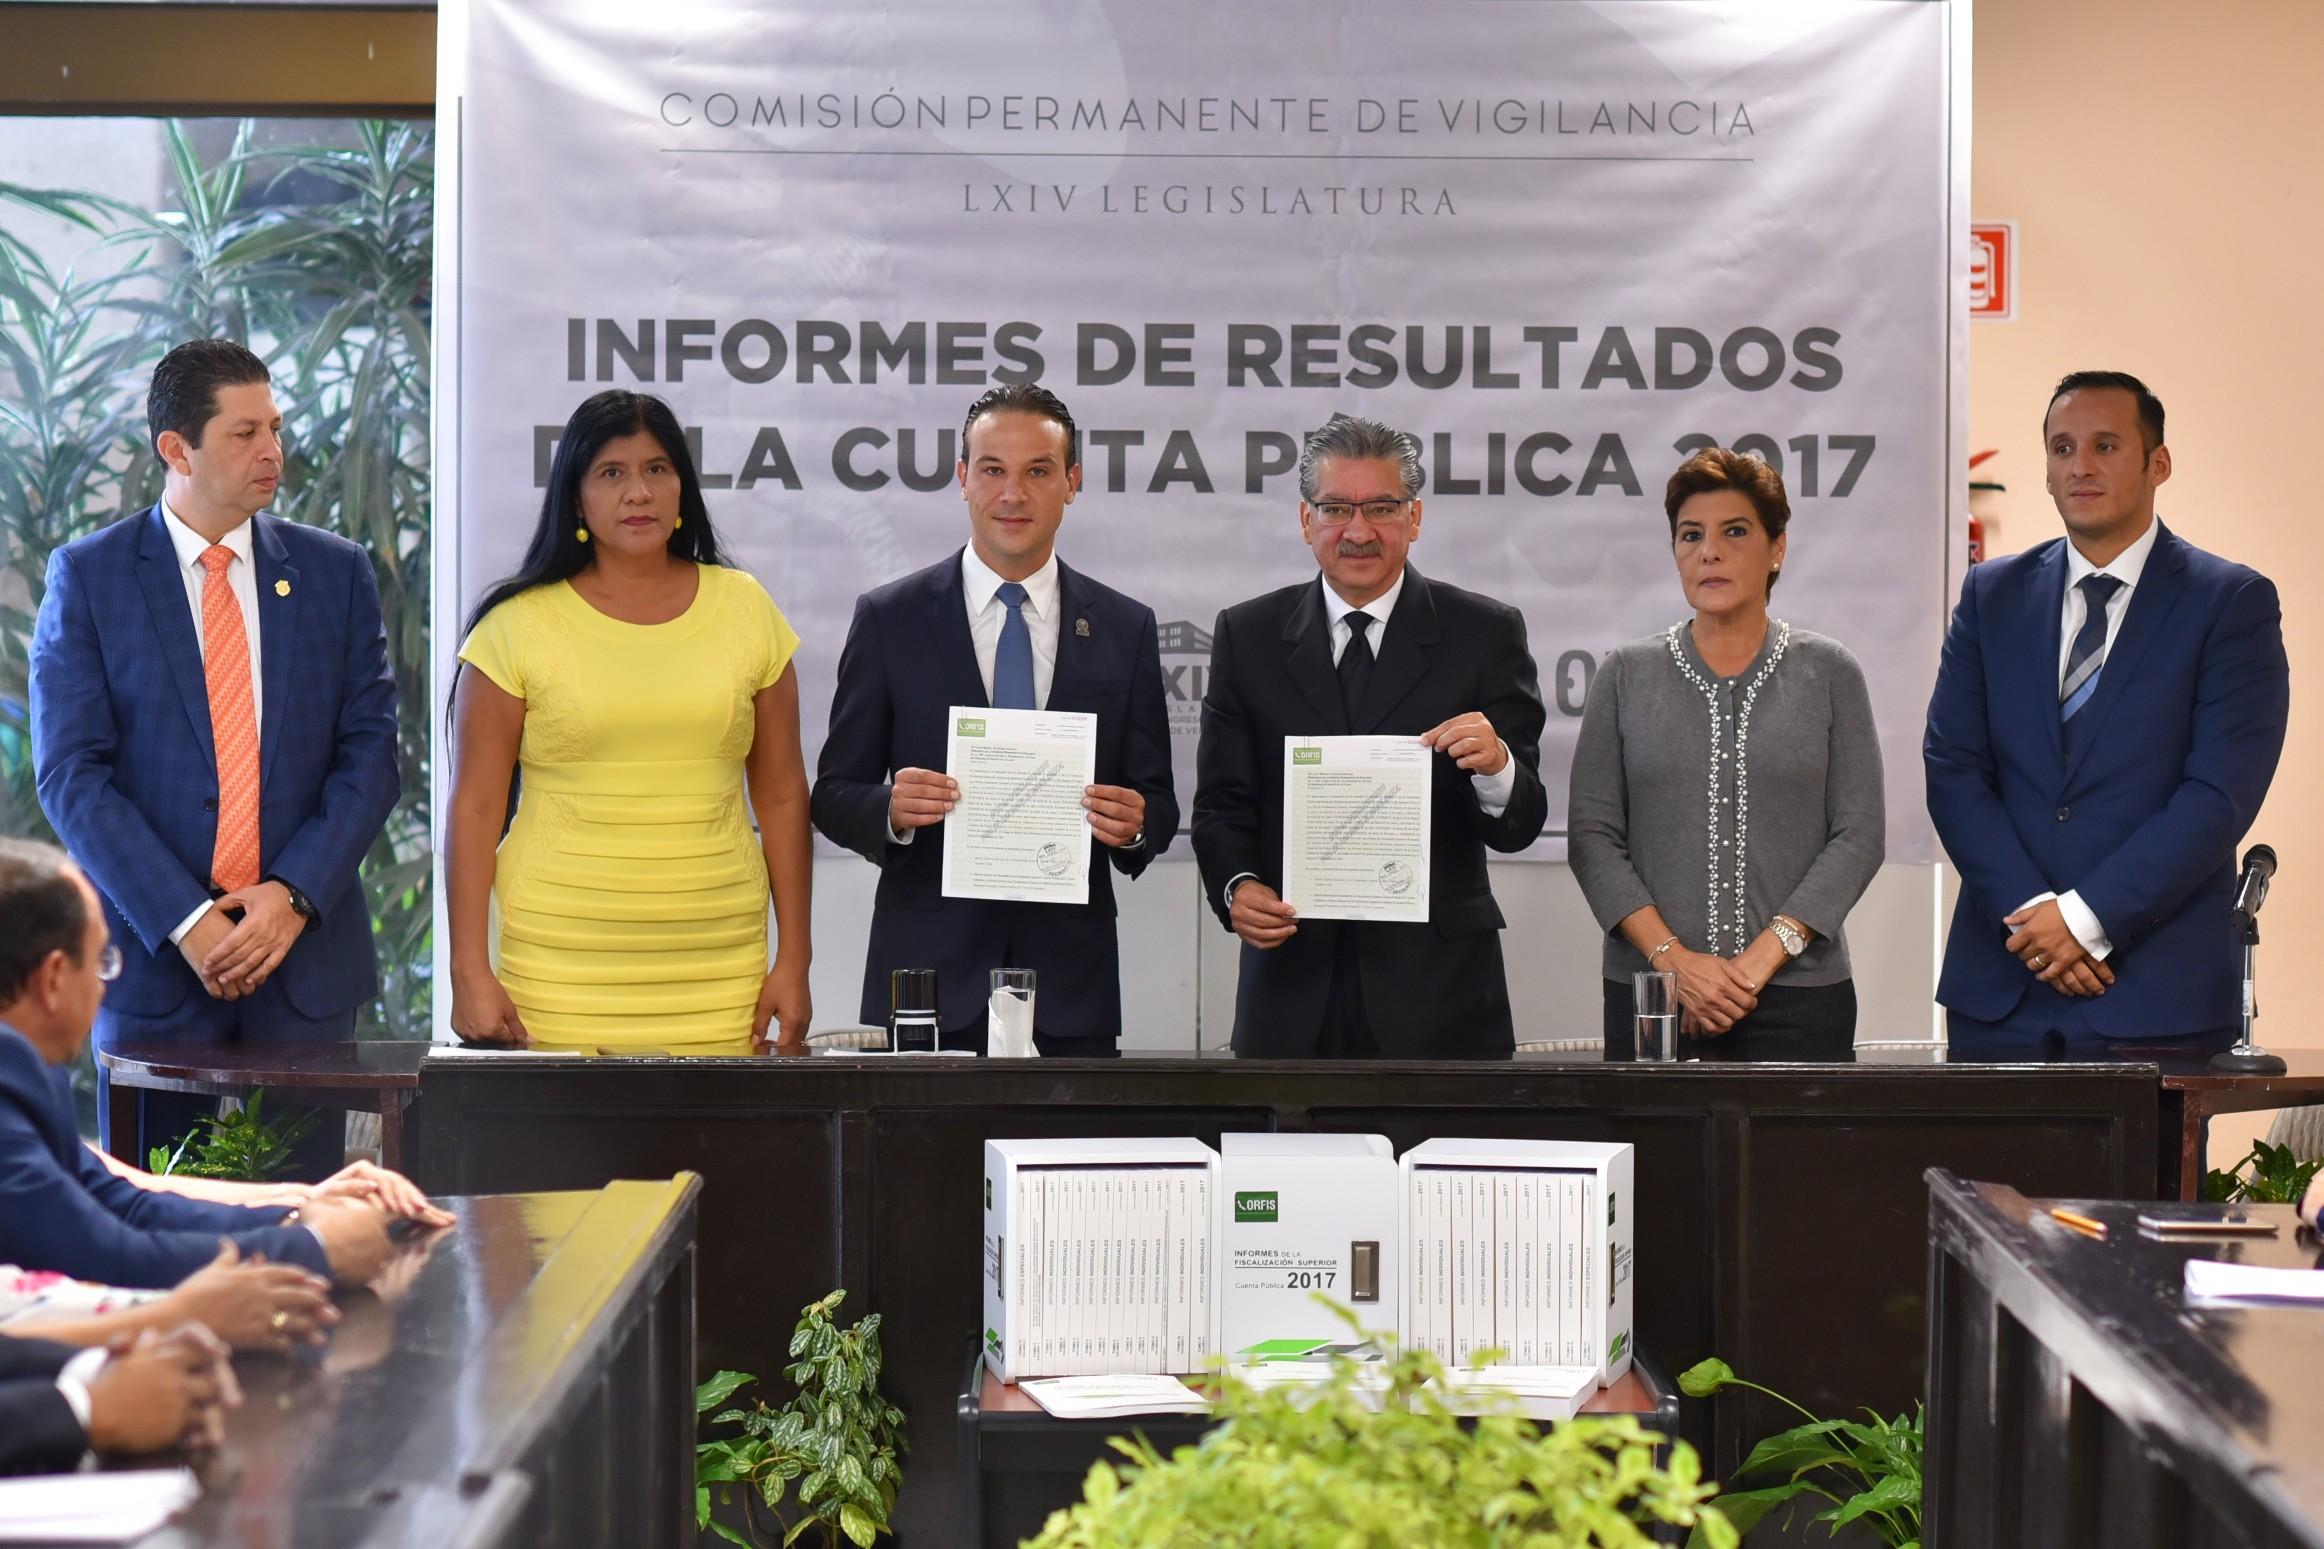 Revisarían de nuevo Cuentas Públicas 2017 tras irregularidades en fiscalización